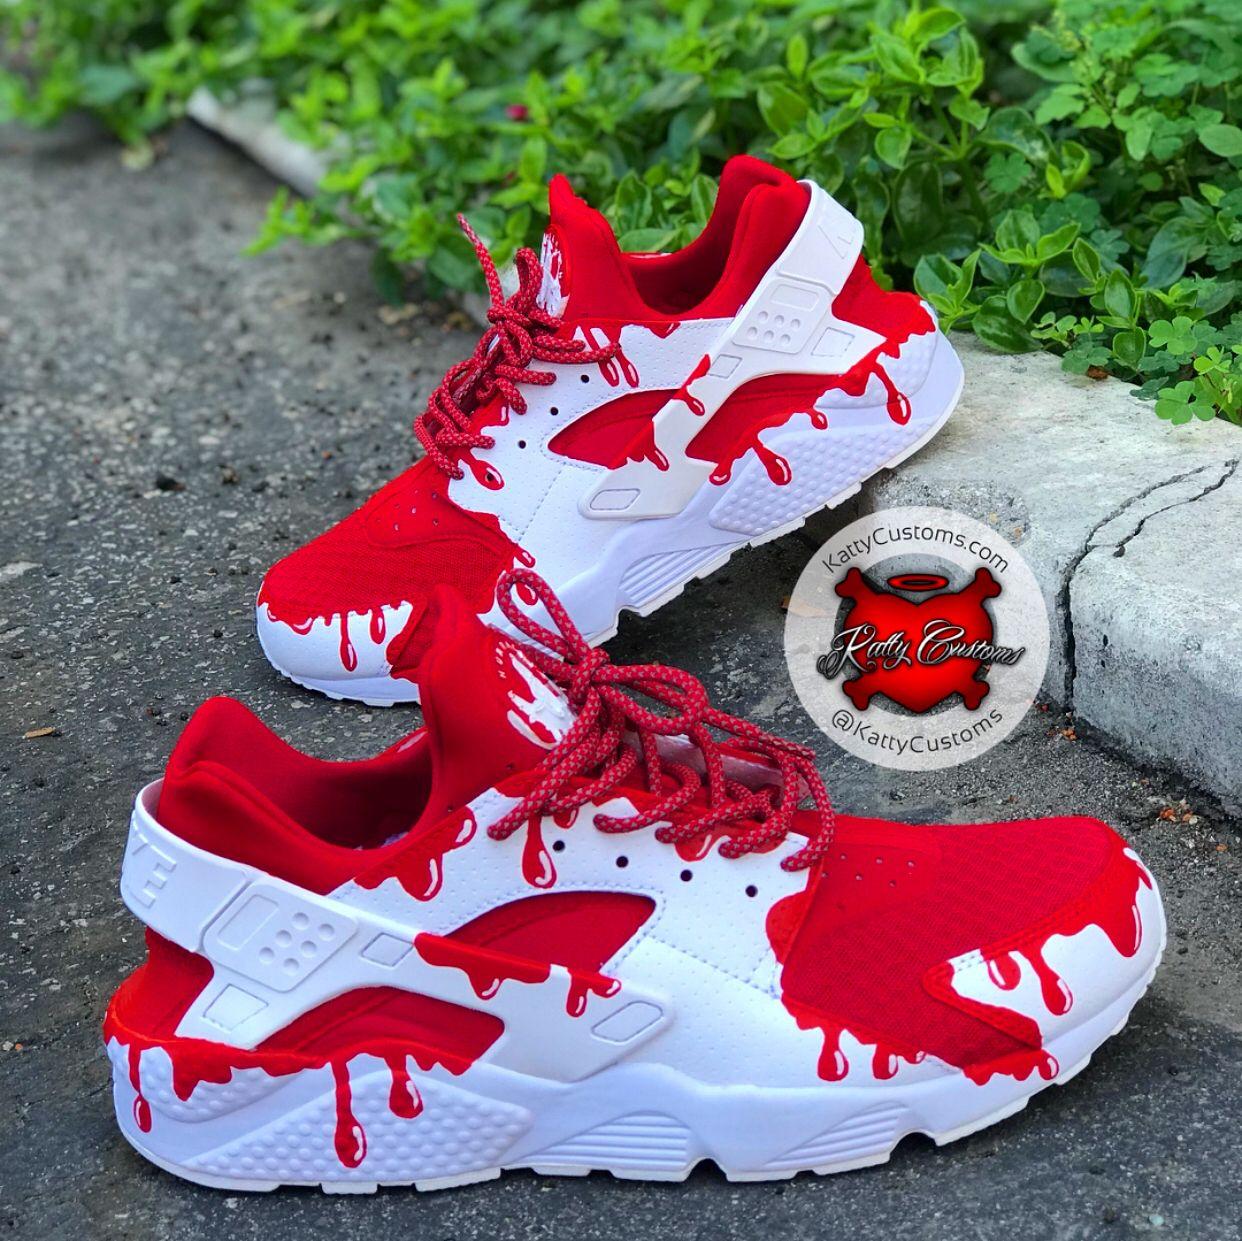 Sneakers nike, Shoes sneakers nike